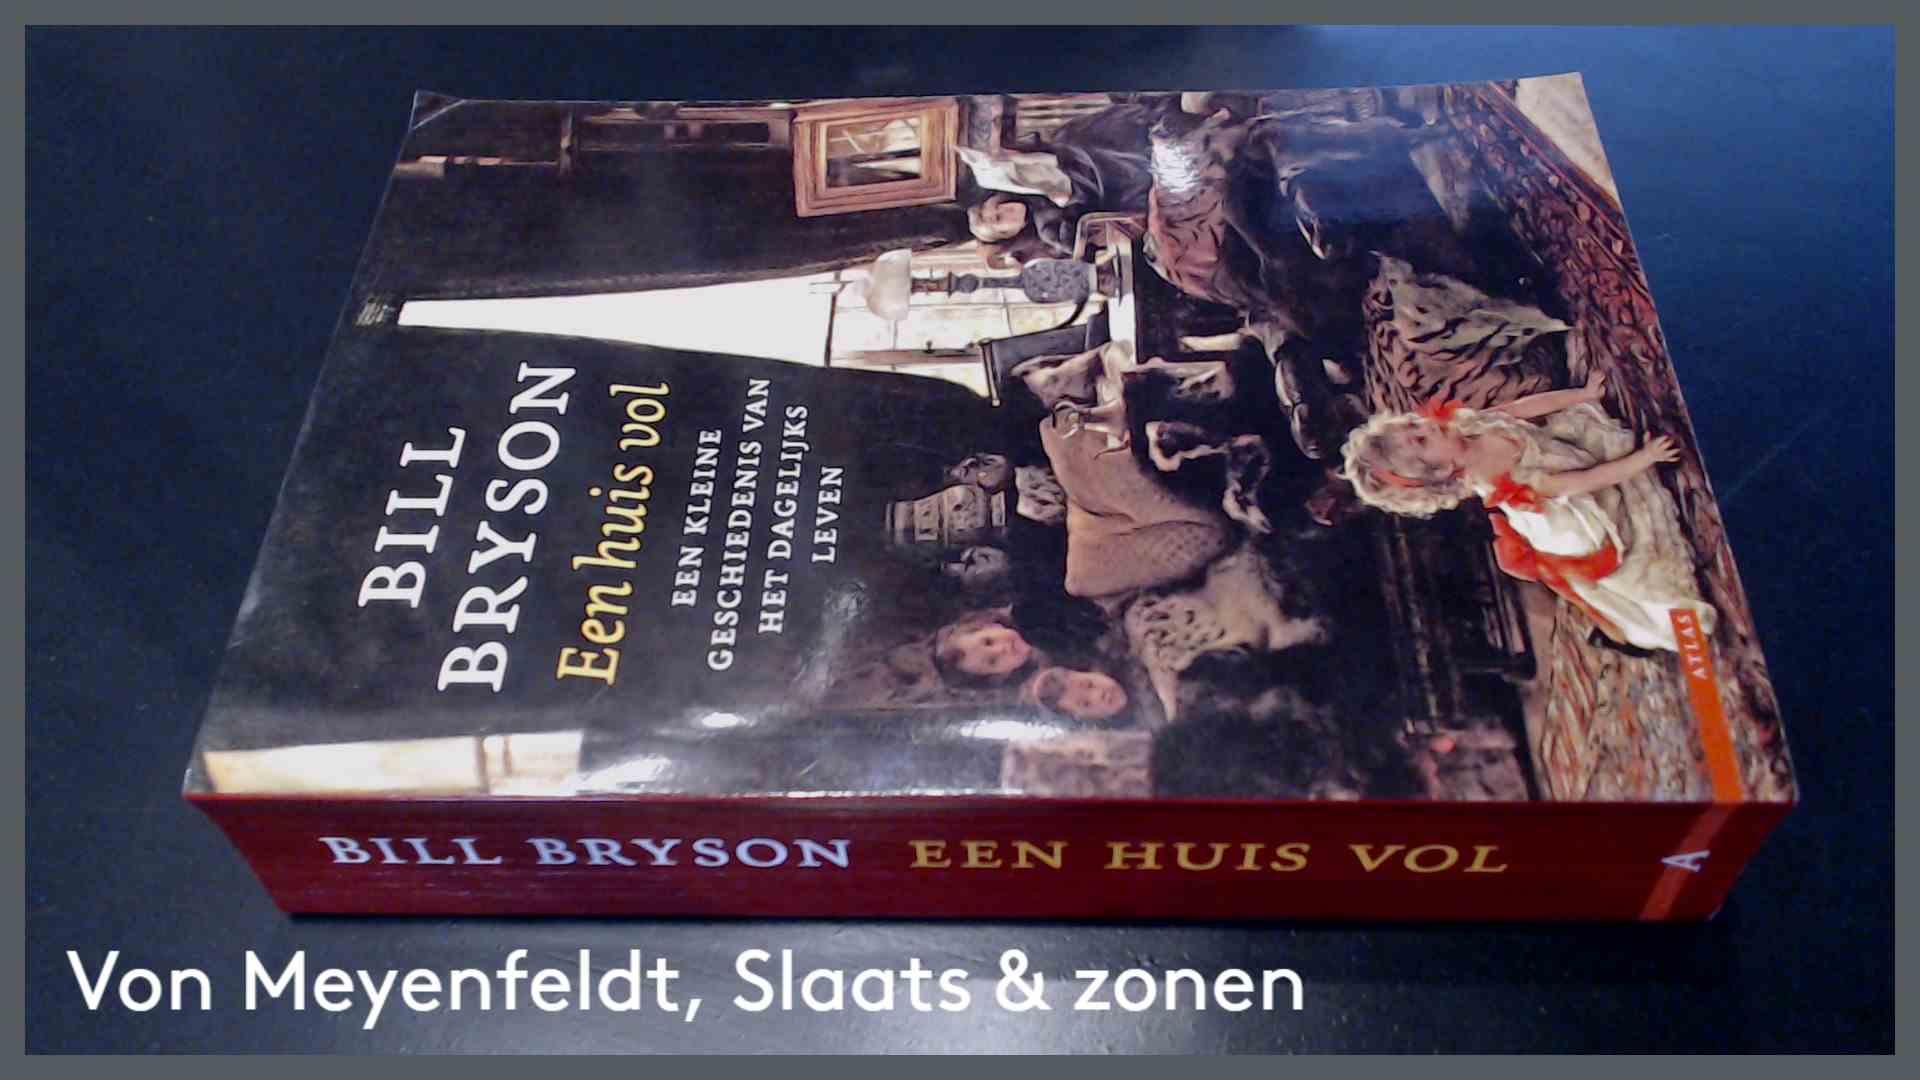 BRYSON, BILL - Een huis vol - Een kleine geschiedenis van het dagelijks leven